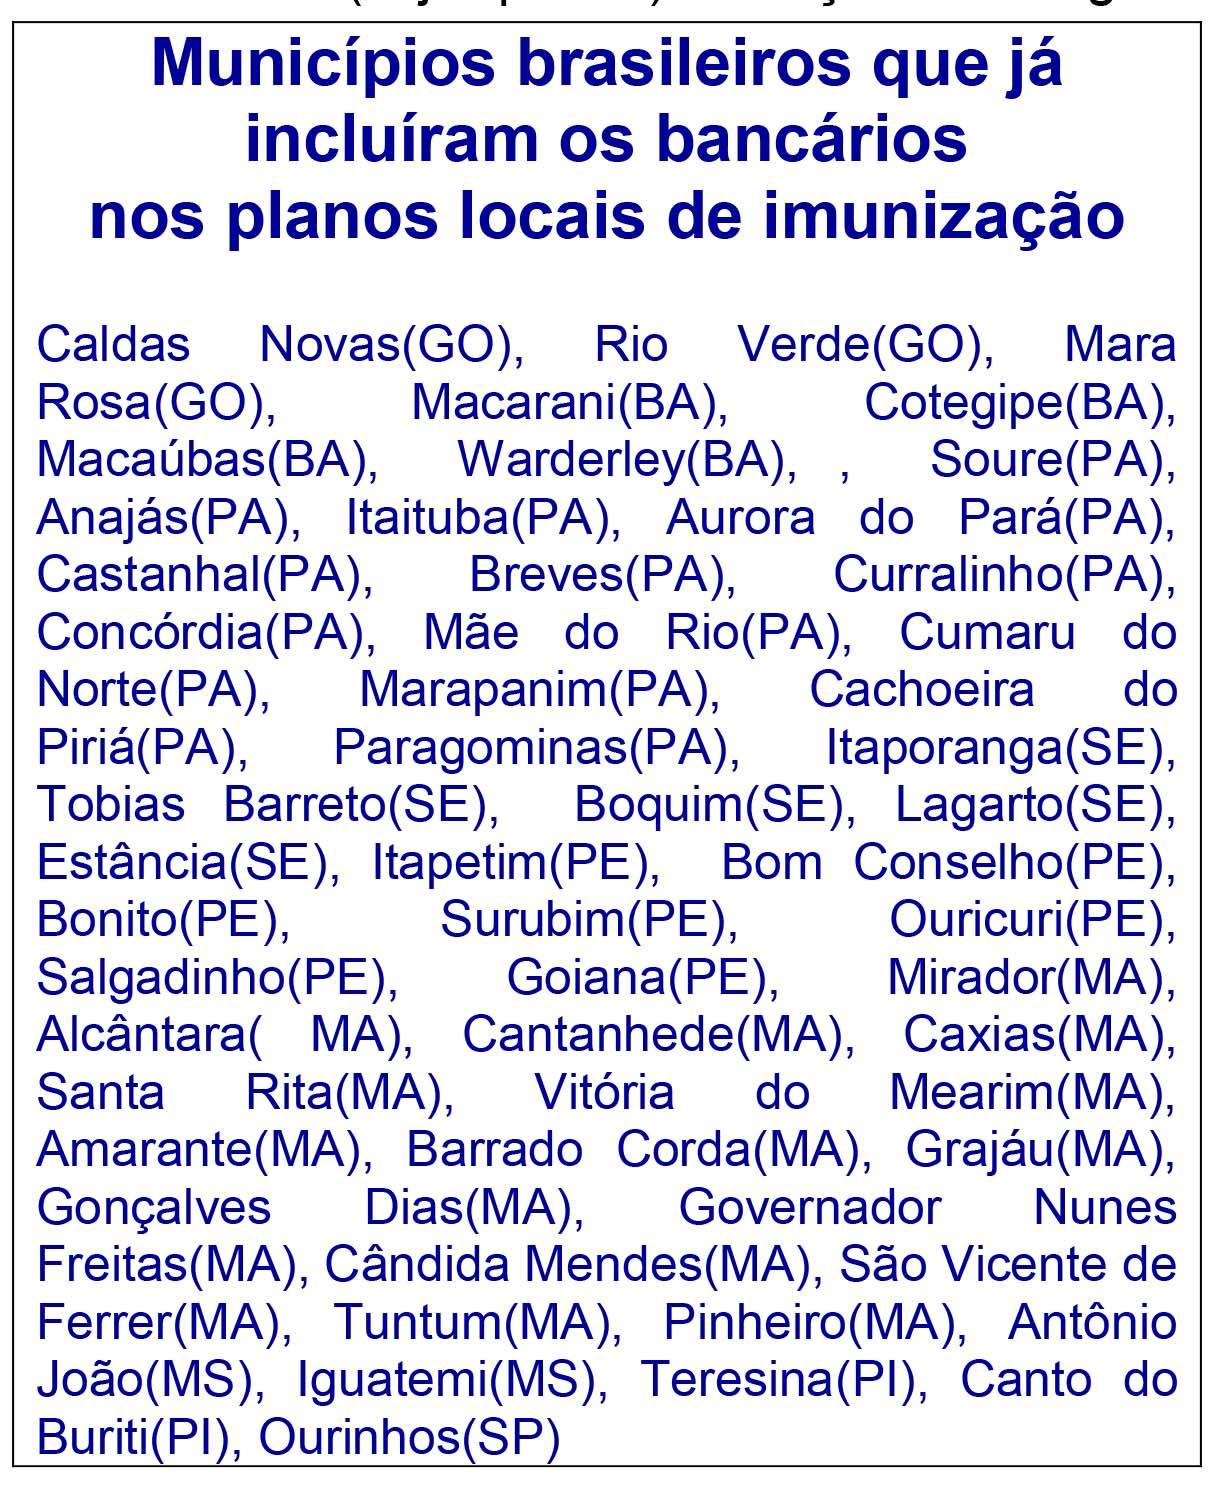 tabela-das-cidades-que-ja-vacinaram-bancarios-10414812.jpg